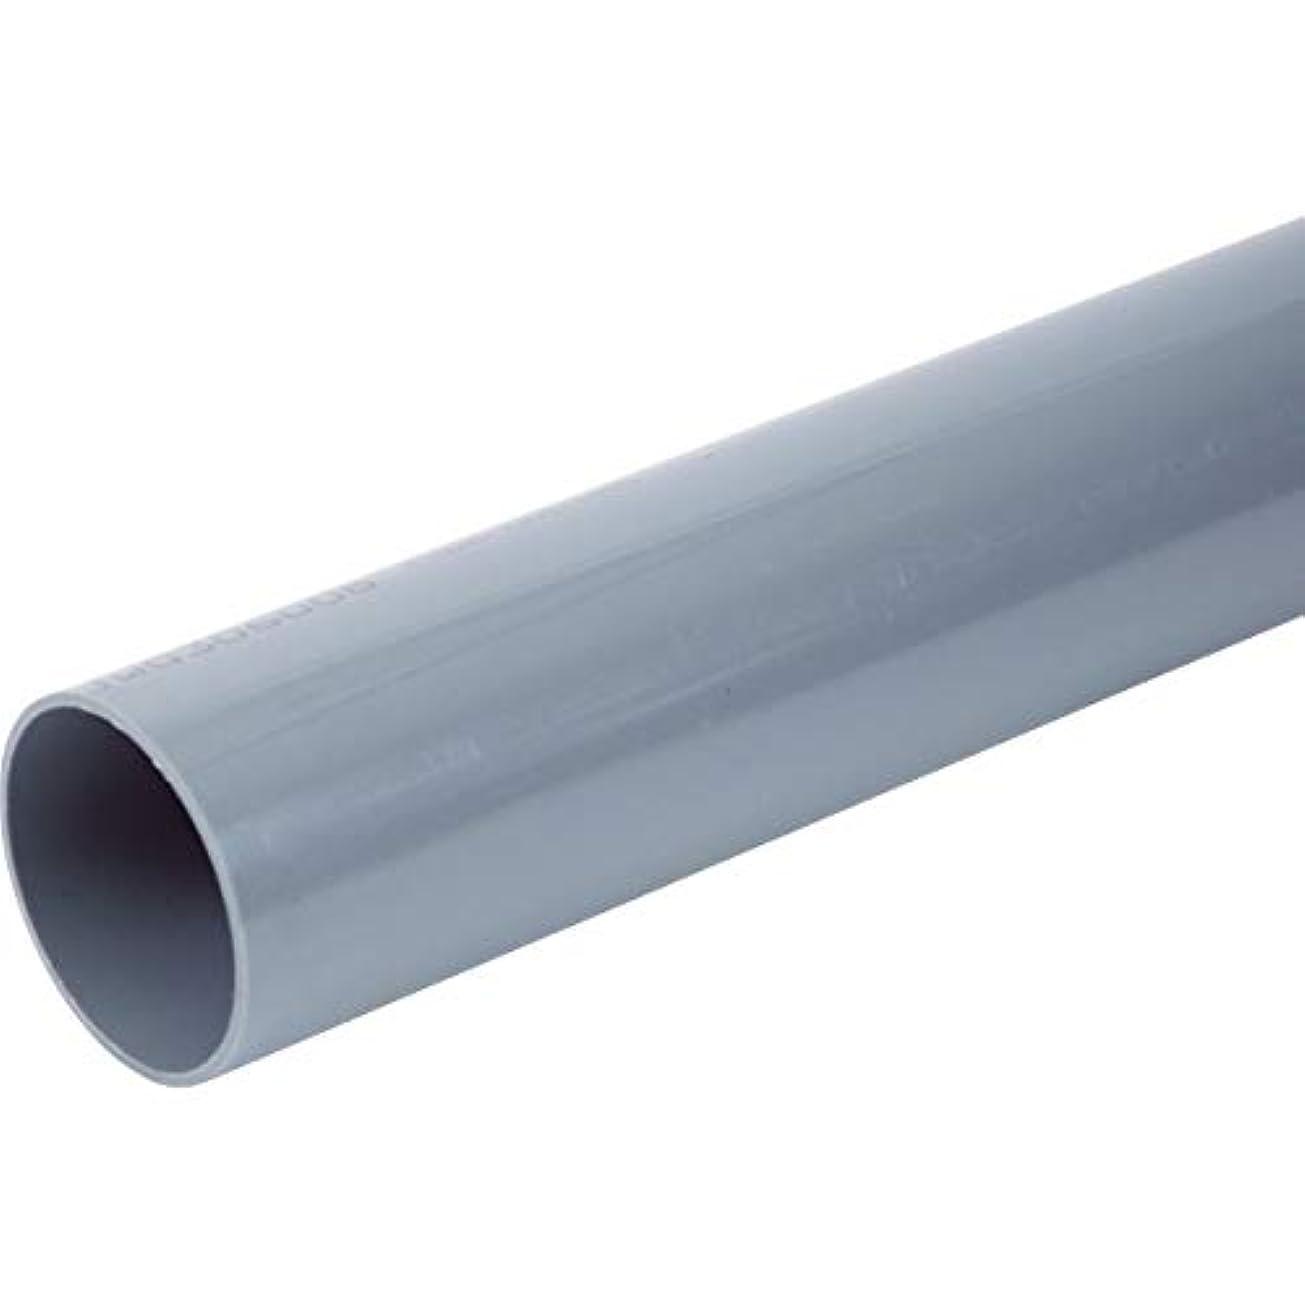 はげテクニカルブルーベルクボタケミックス 排水用塩ビパイプ VU 65X2M VU65X2M-2305 【4465997】